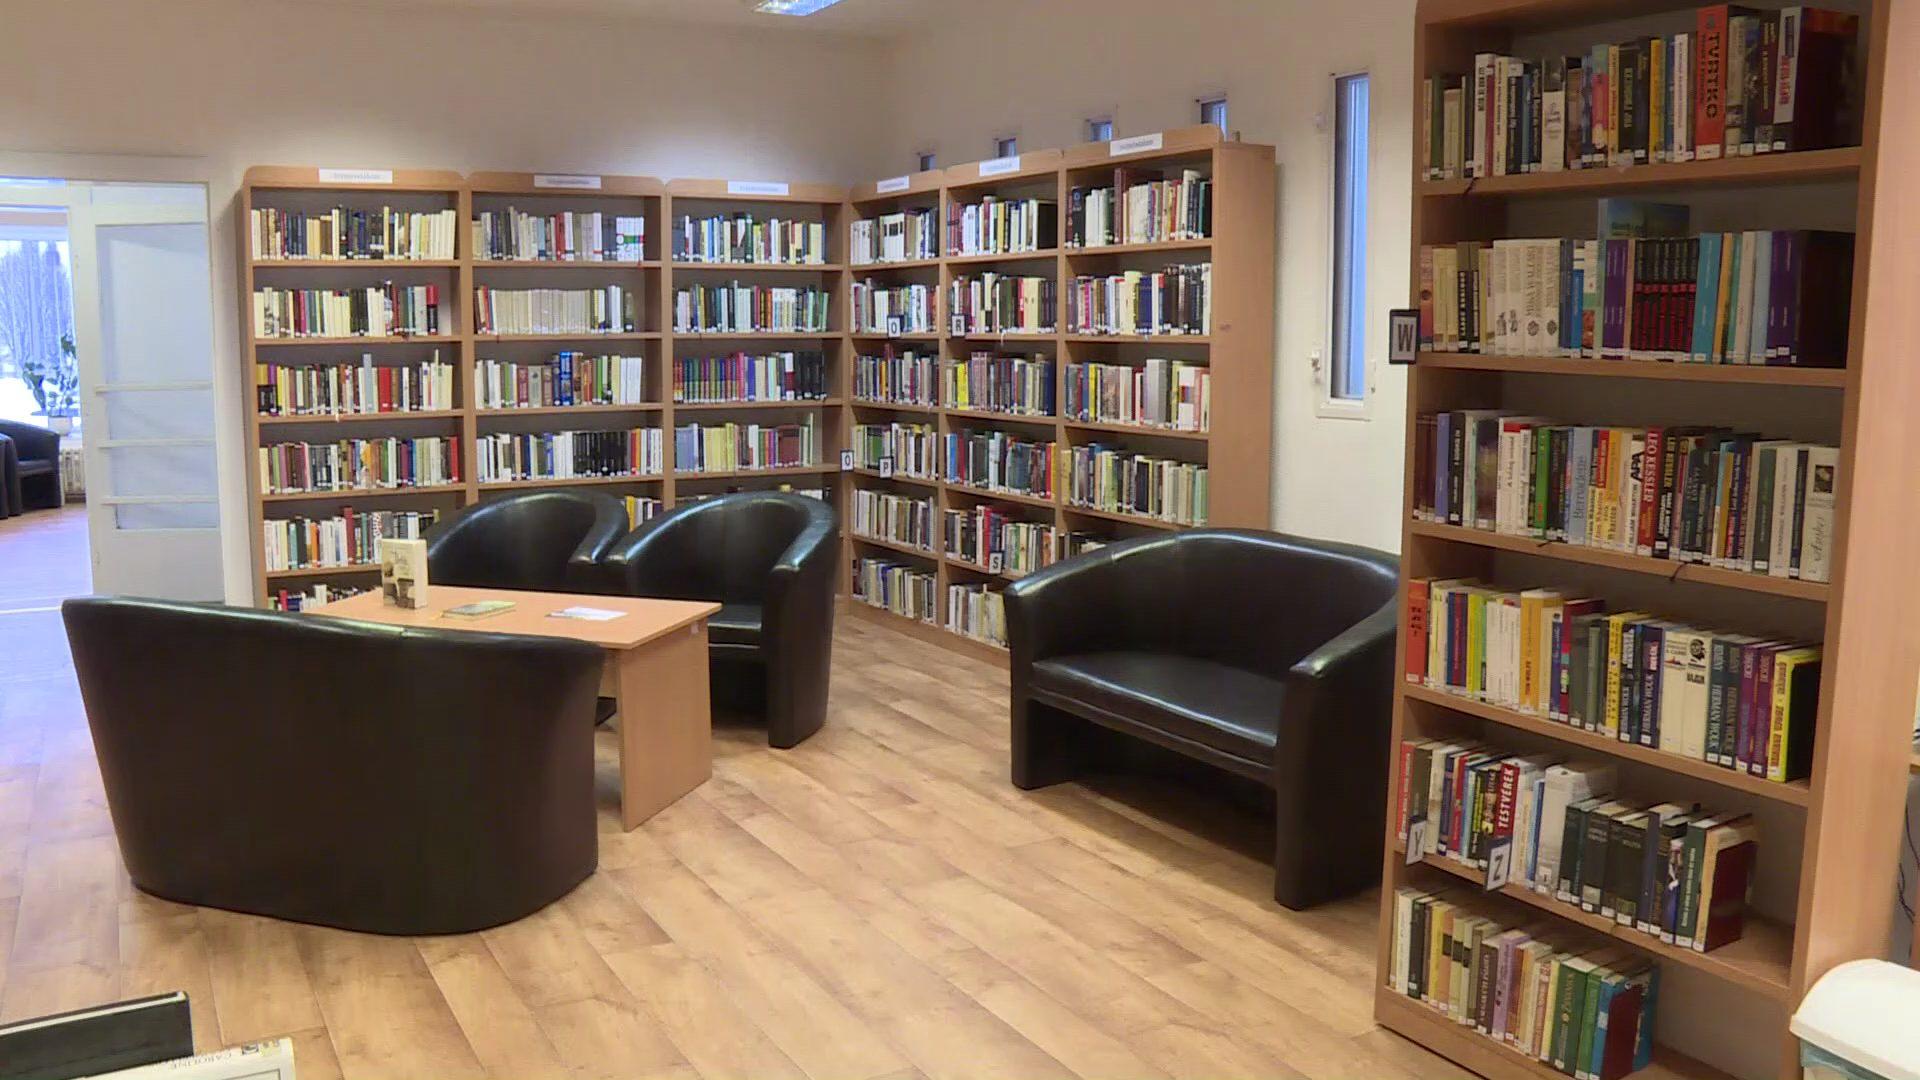 Továbbra is zárva tart a megyei könyvtár